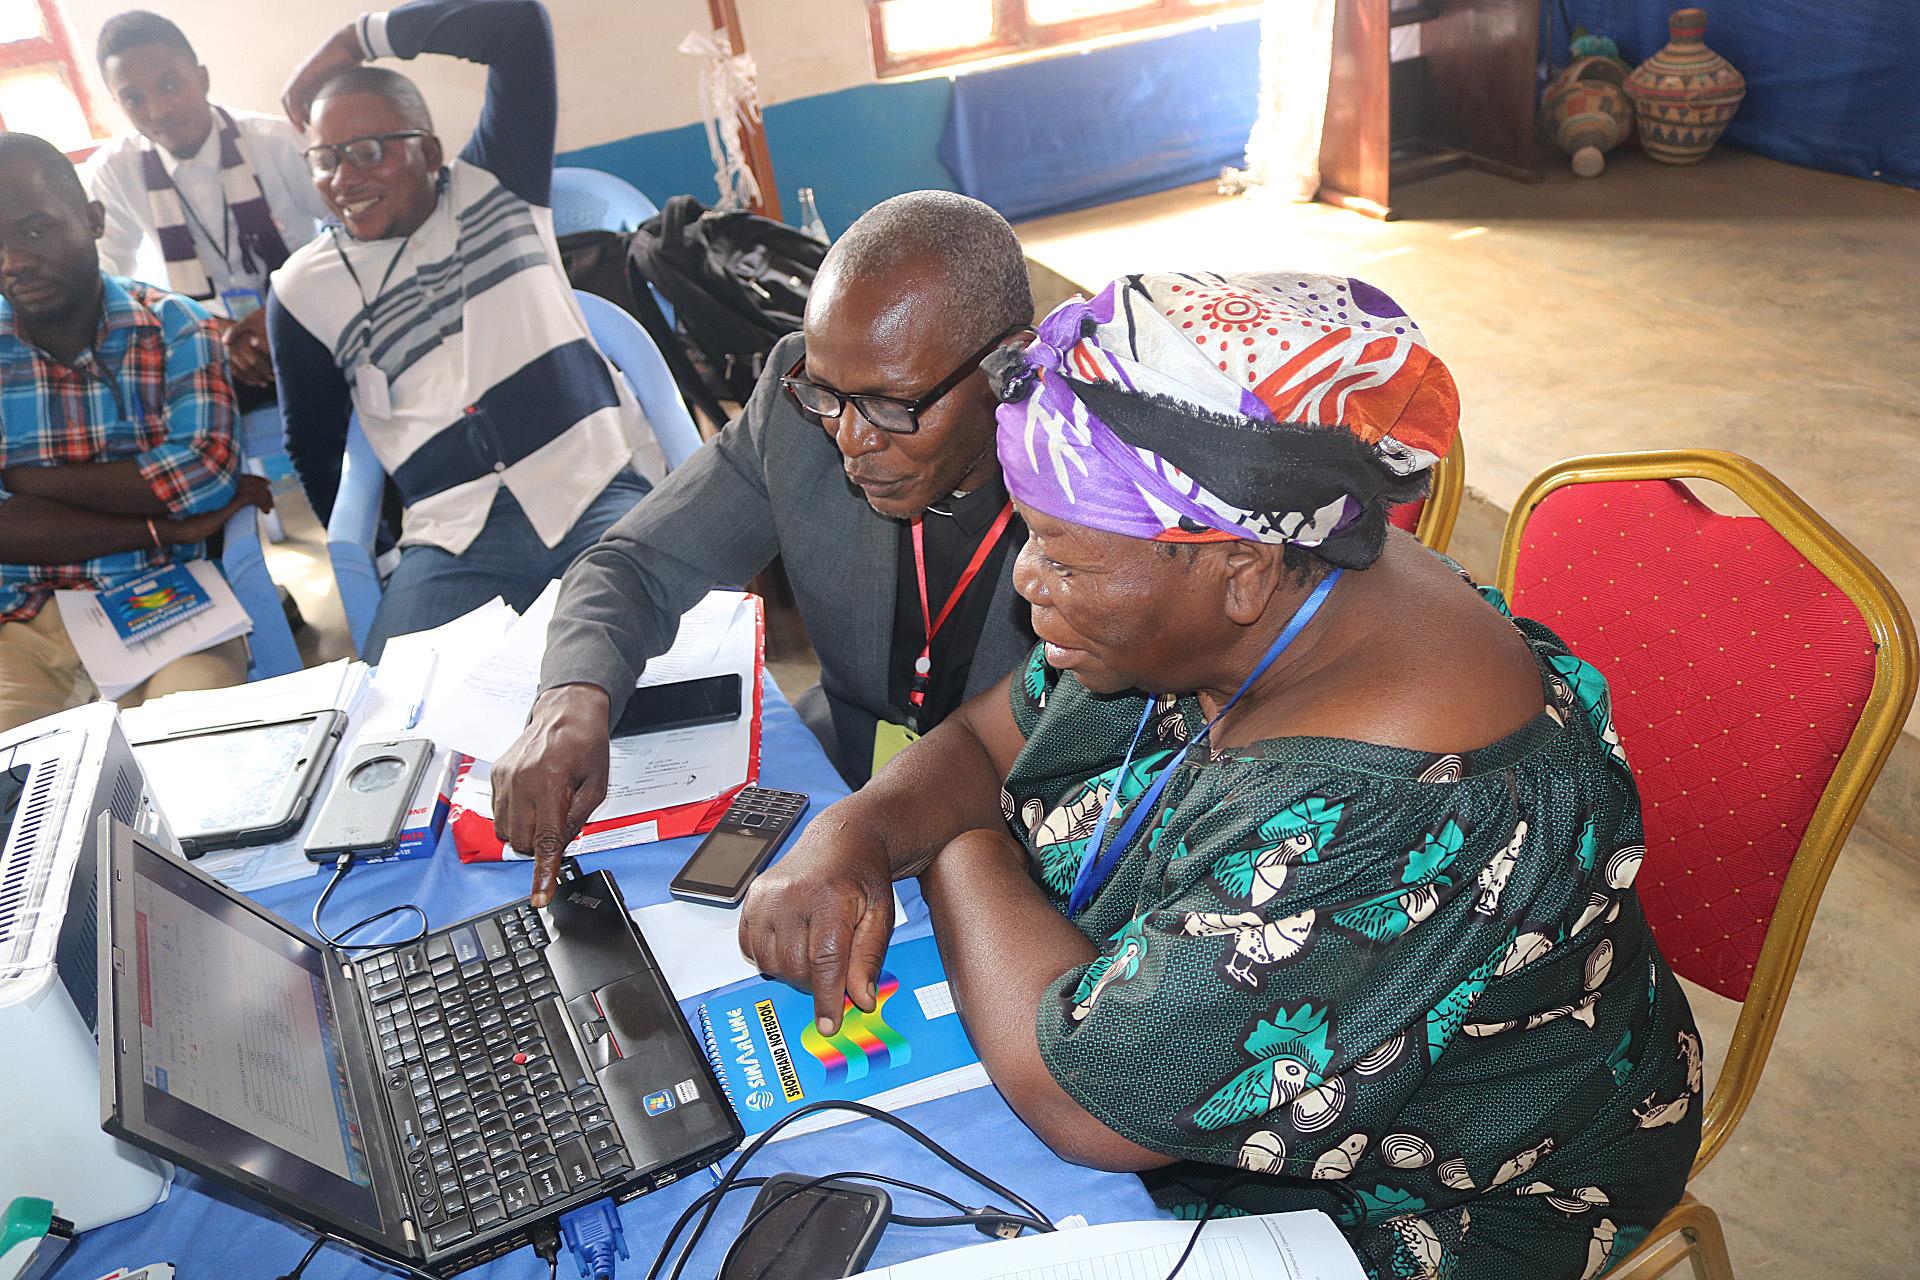 Kito Bonane, vice-présidente de l'union des femmes Méthodistes Unies du Kivu apprend les fondamentaux de l'informatique pendant la formation de Bukavu, Congo. Photo de Philippe Kituka Lolonga, UMNS.